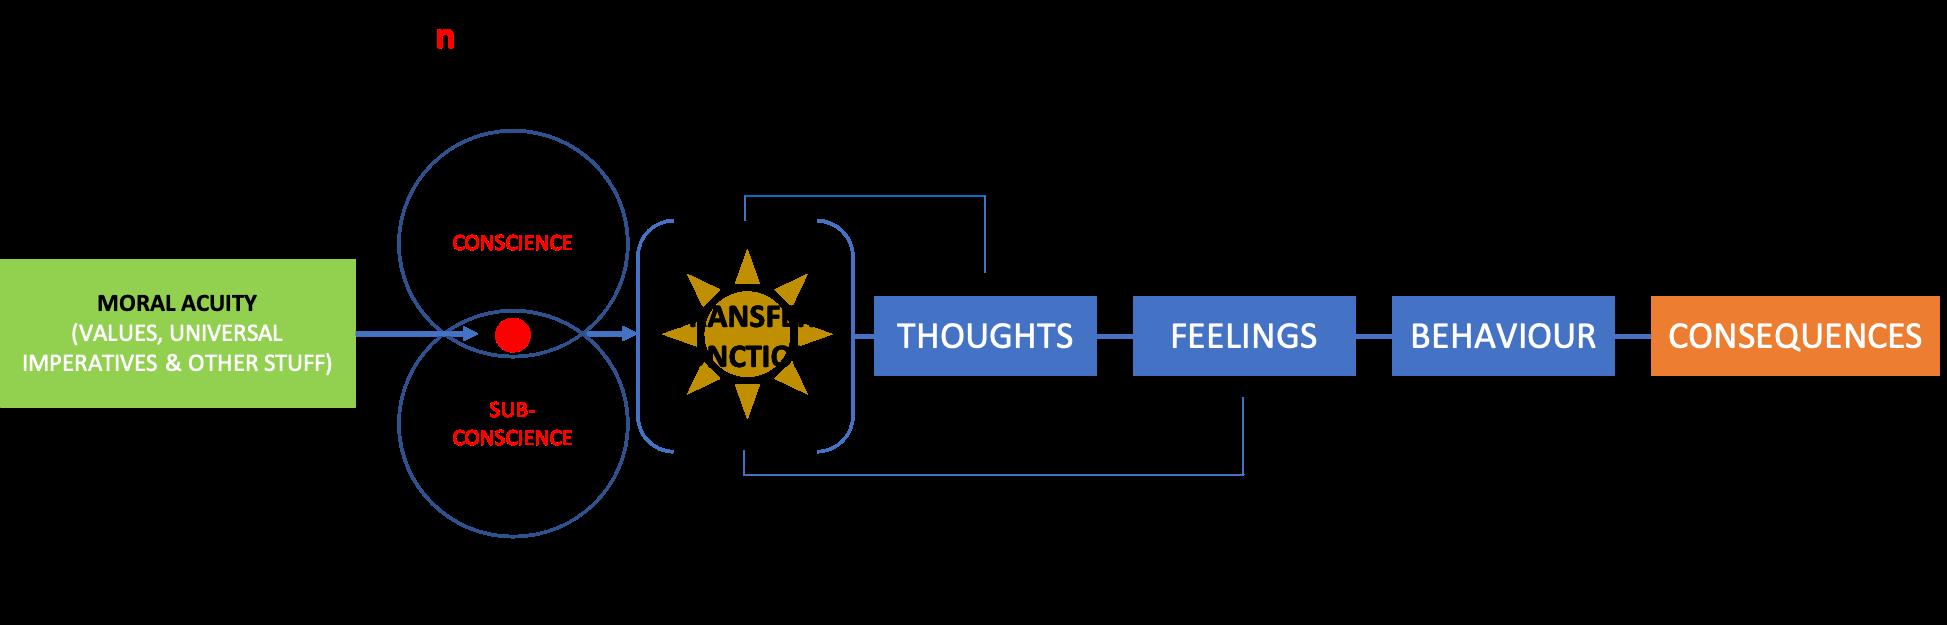 Thoughts Vs Feelings